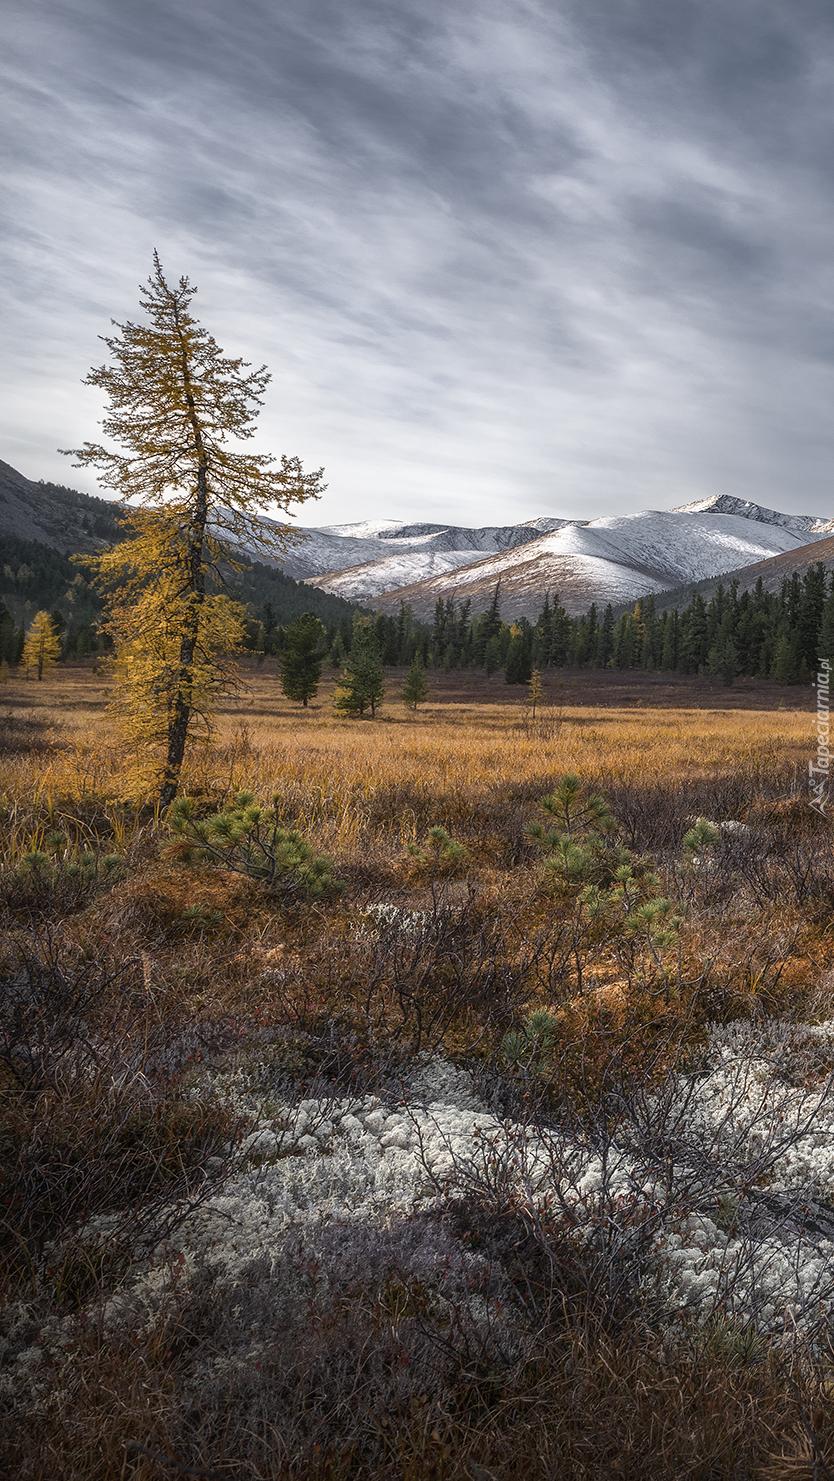 Jesienna roślinność na tle ośnieżonych gór